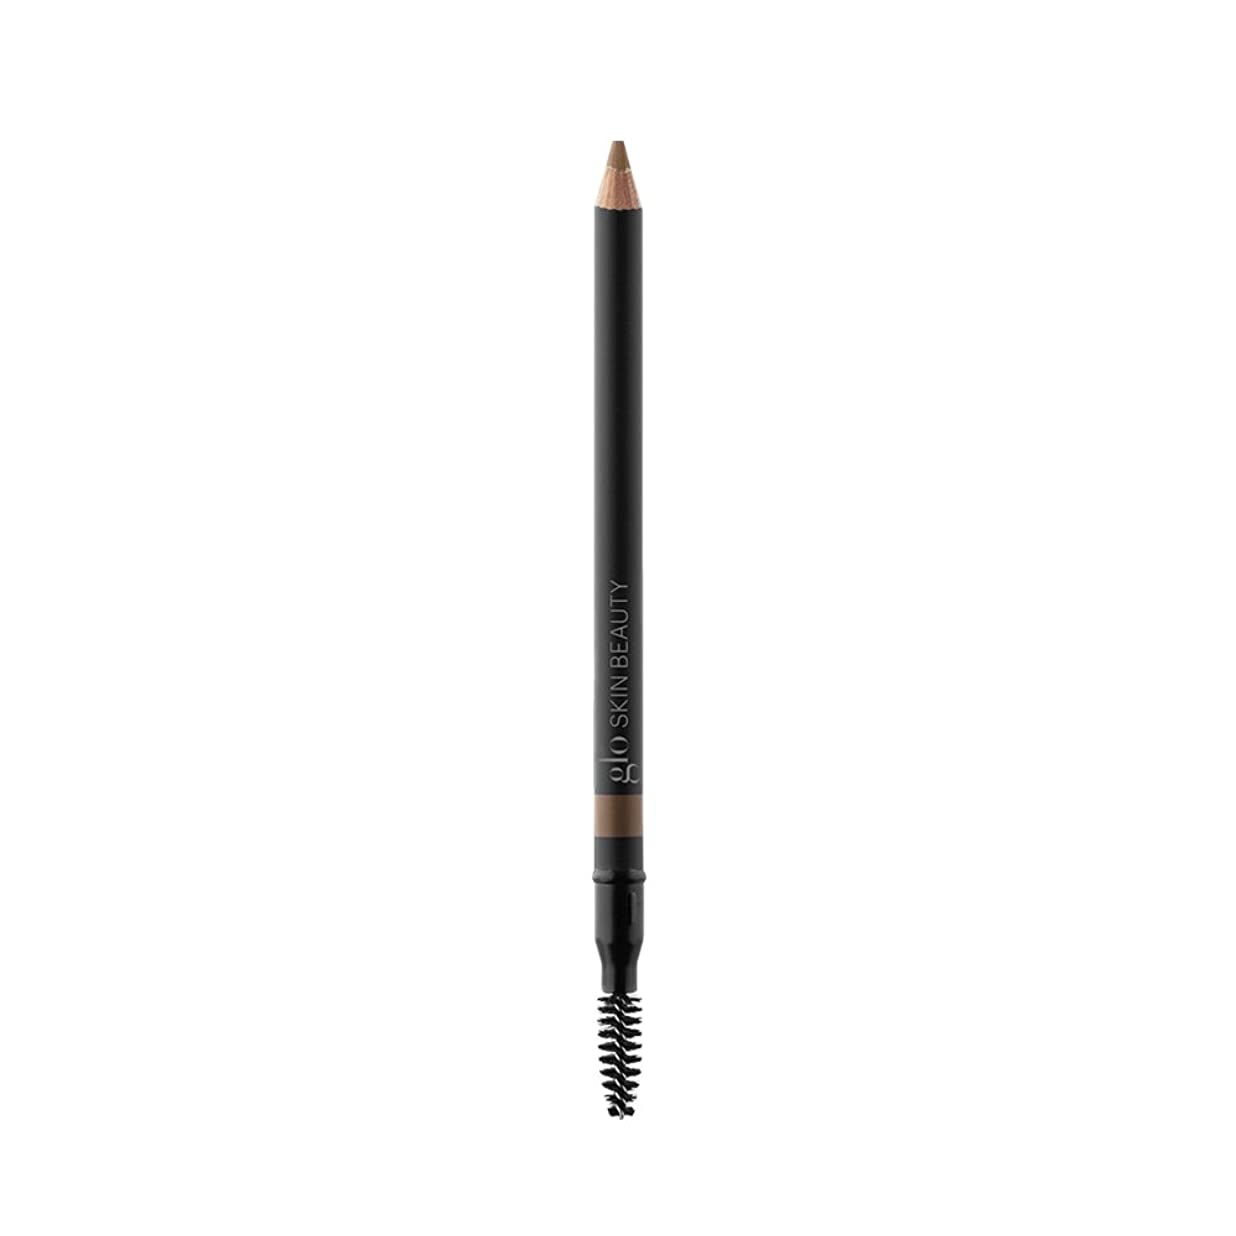 オークション微妙彼女はGlo Skin Beauty Precision Brow Pencil - # Taupe 1.1g/0.04oz並行輸入品